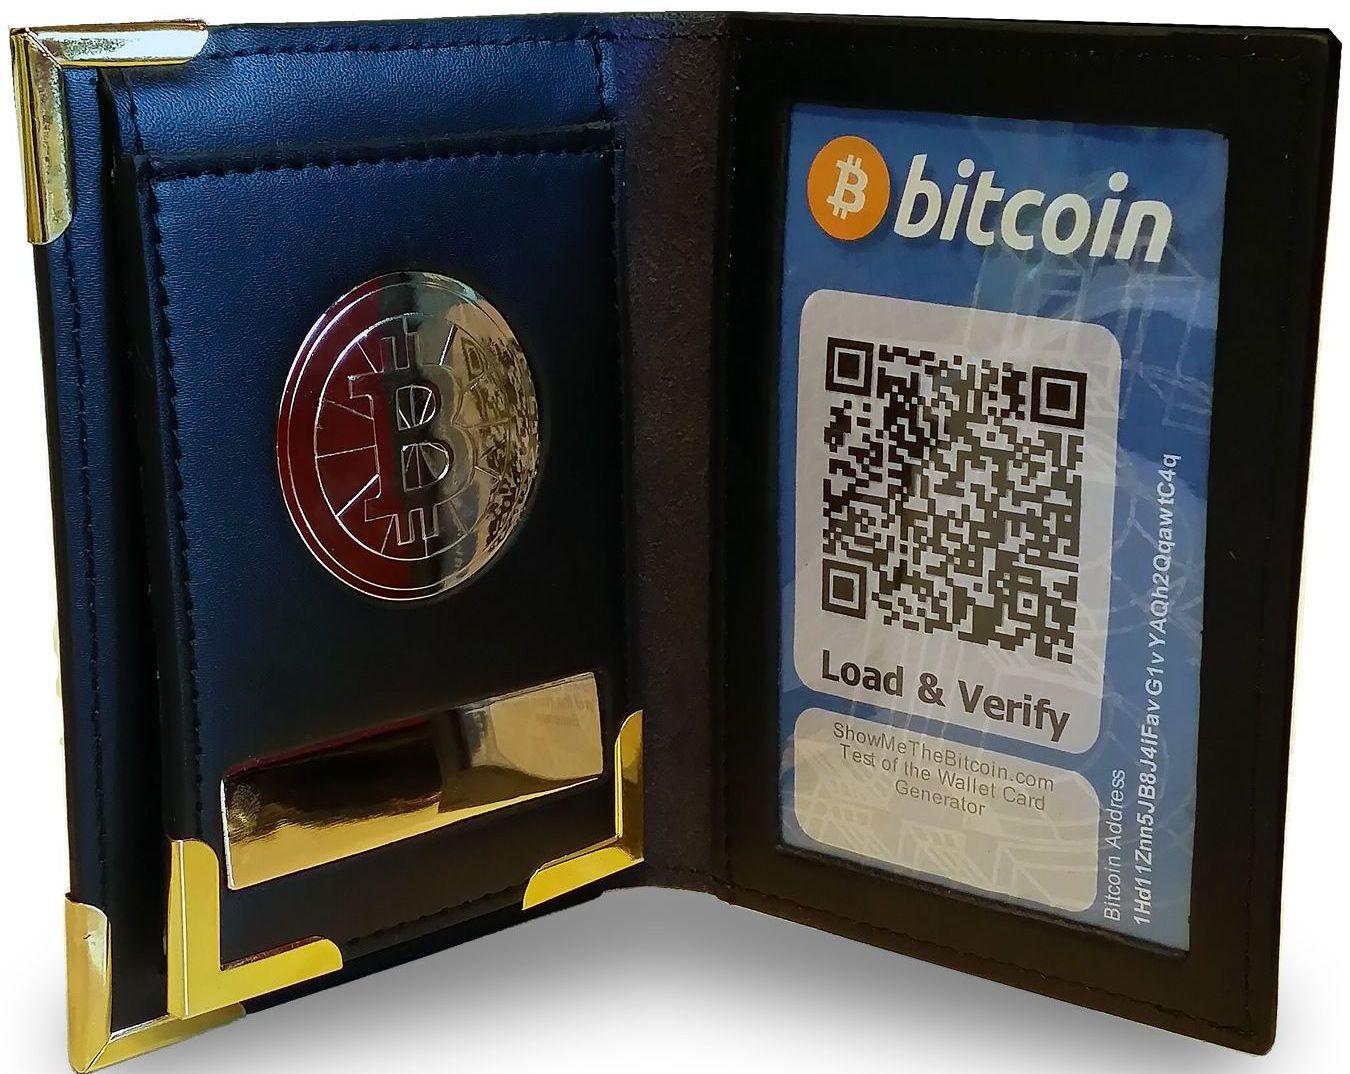 bitcoin pokytis